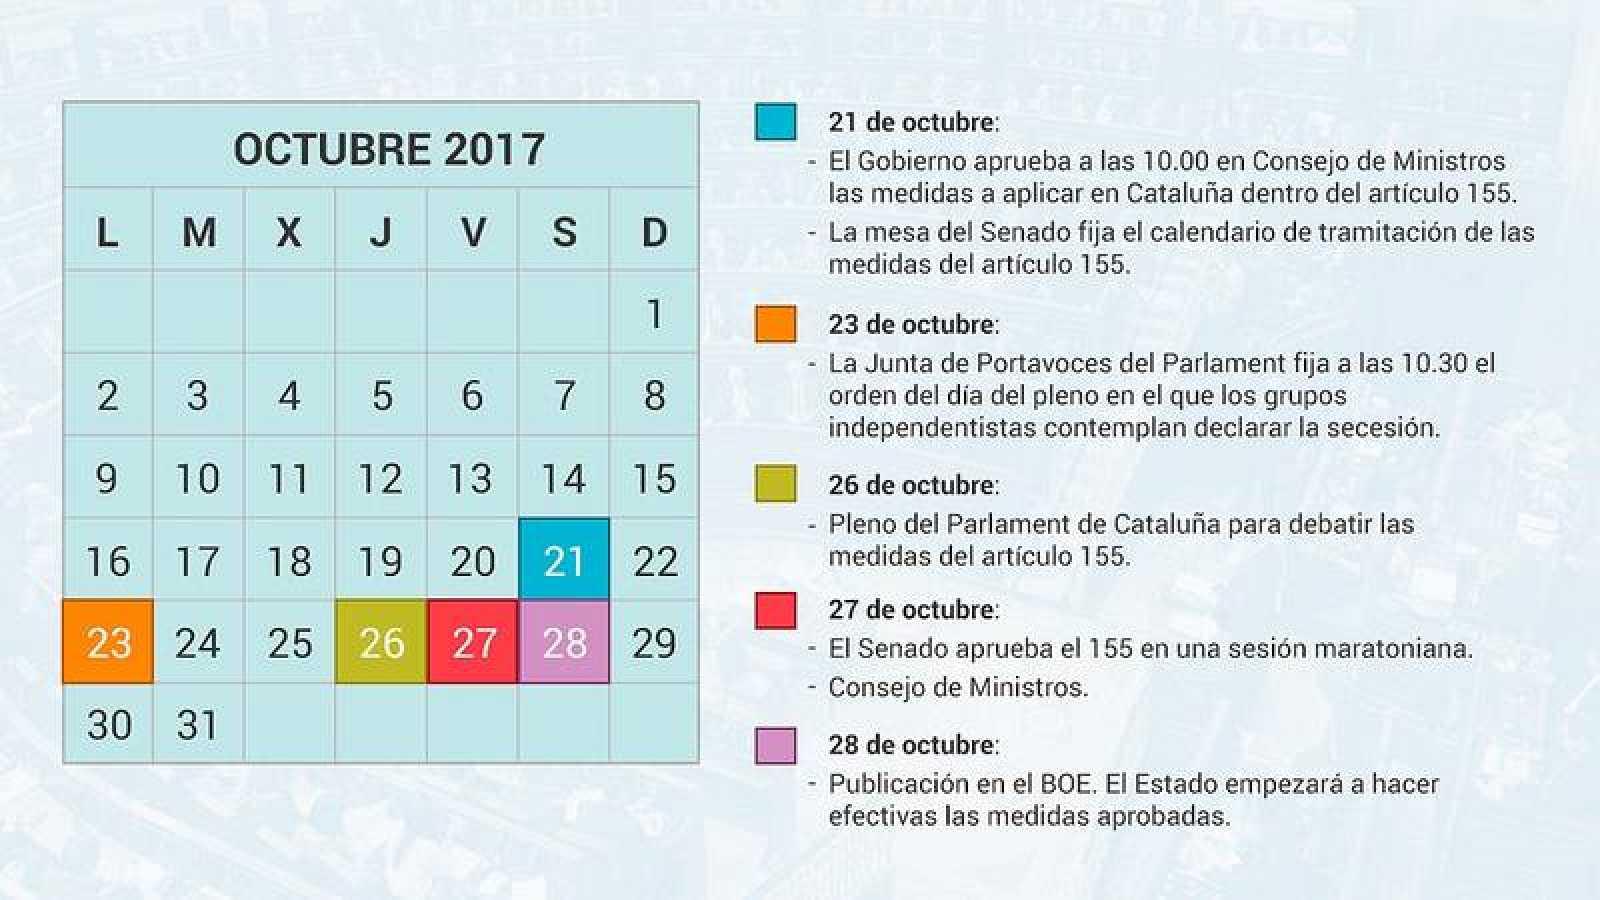 Cataluña | Artículo 155 | Así serán las 48 horas decisivas en ...